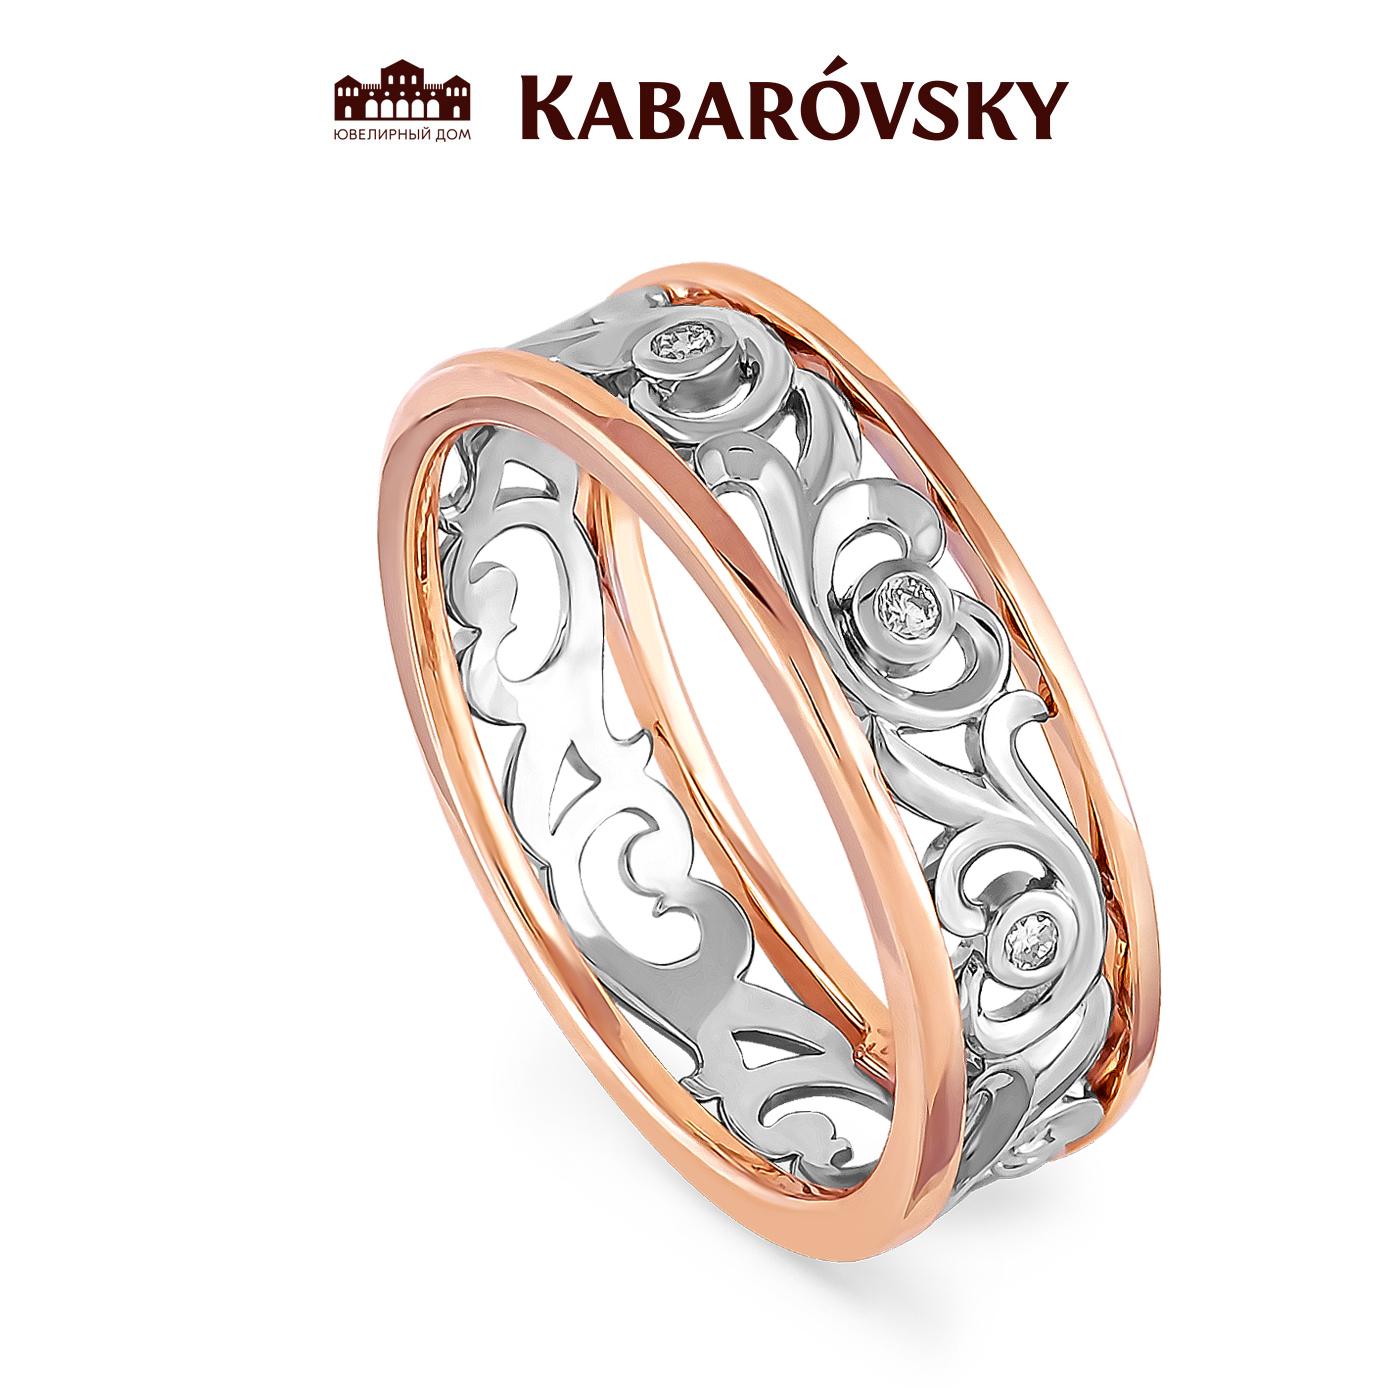 Обручальное кольцо из золота с бриллиантом арт. 1-0318-1000 1-0318-1000